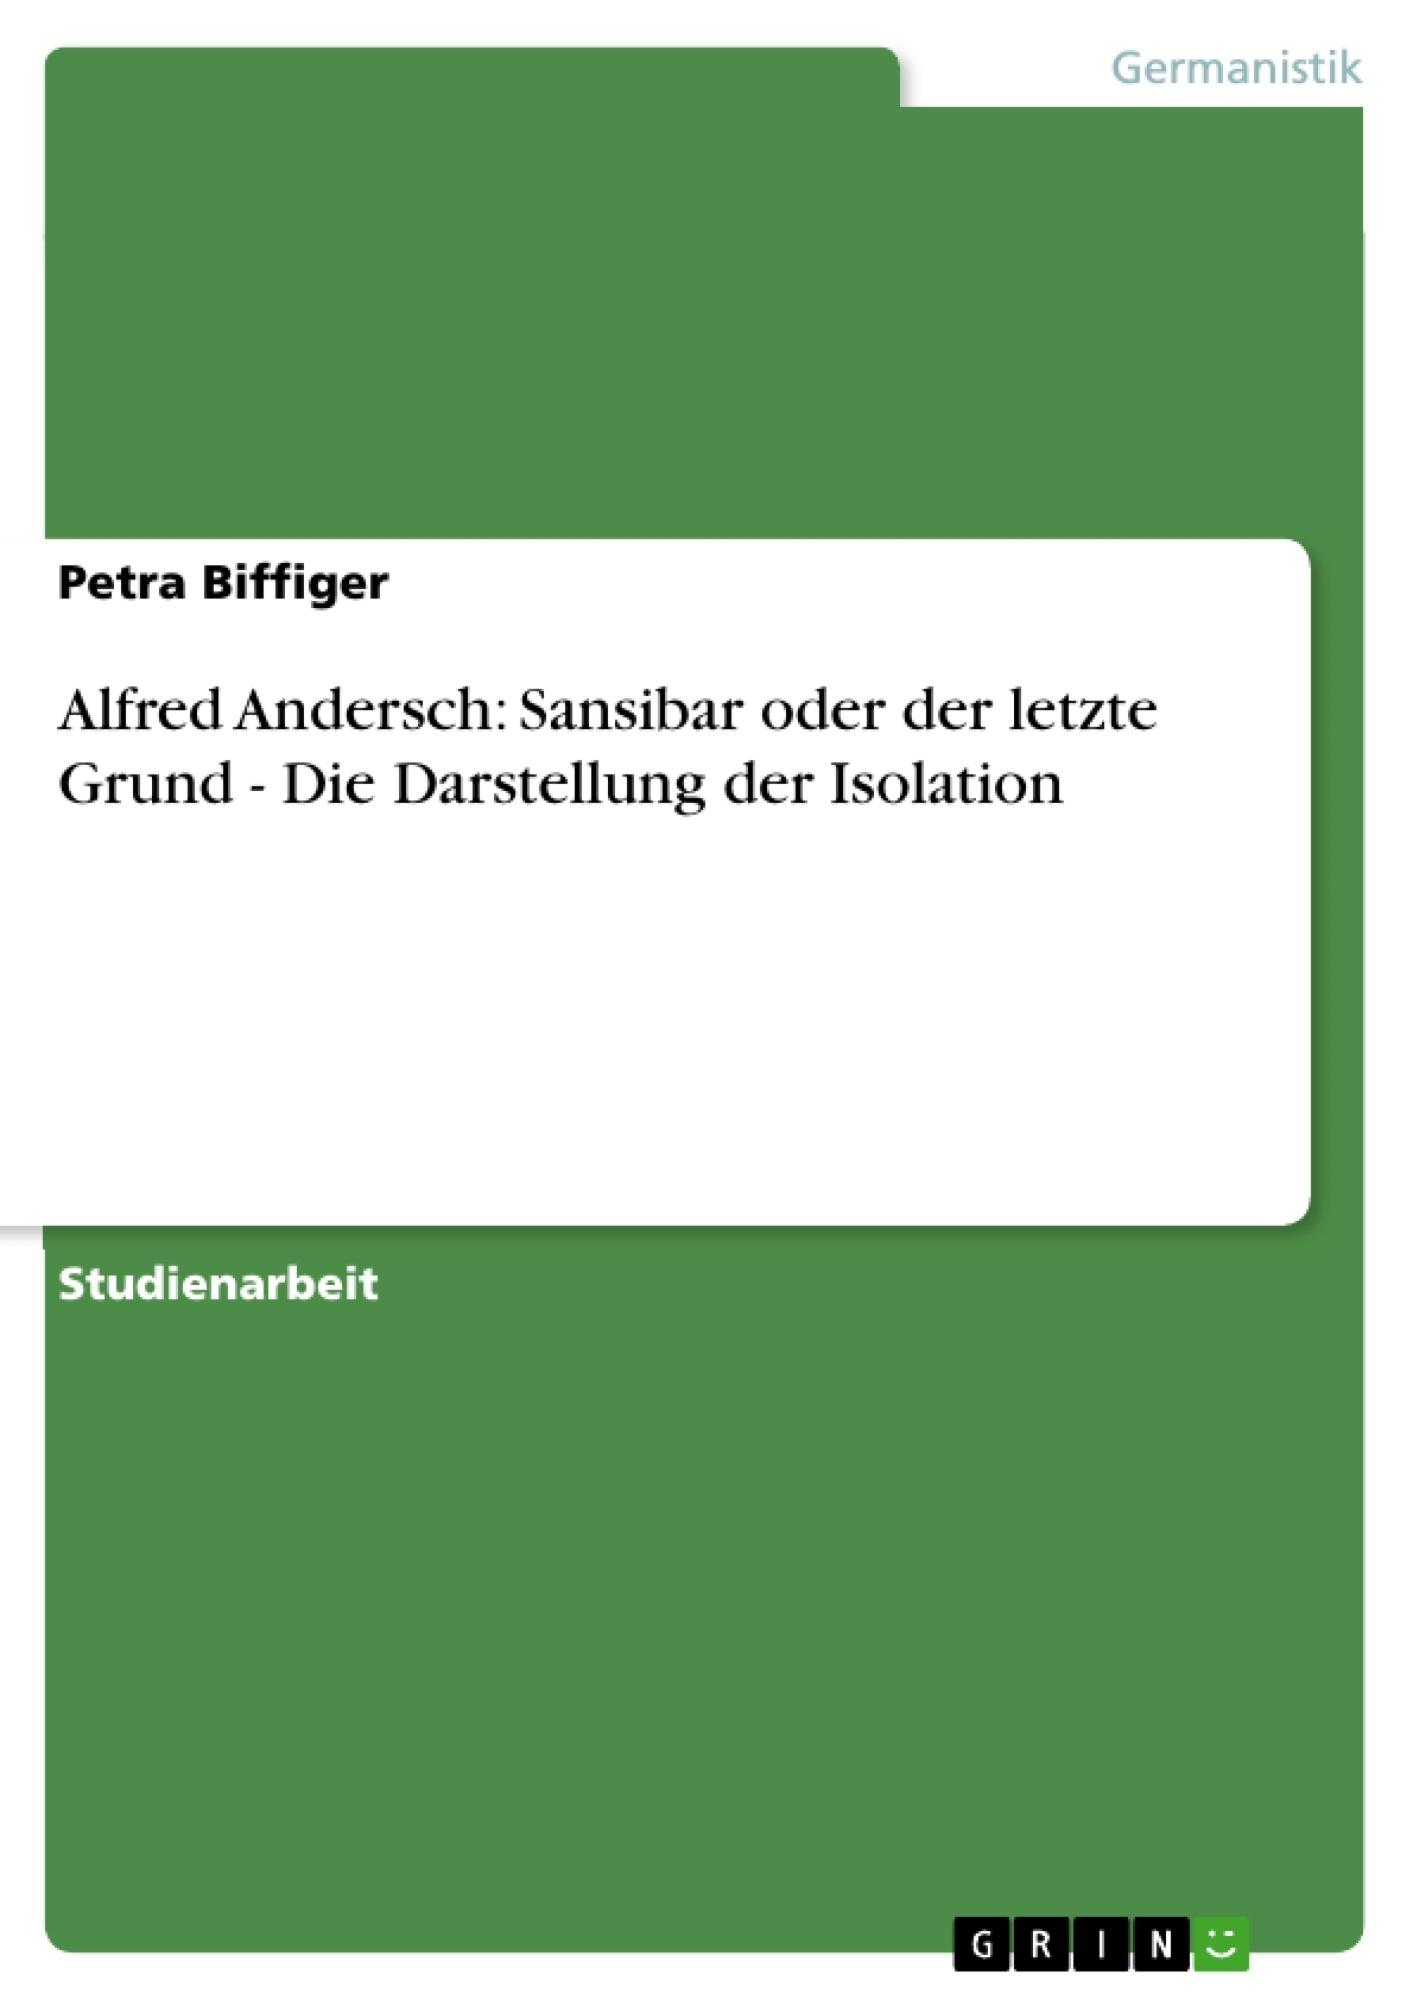 Titel: Alfred Andersch: Sansibar oder der letzte Grund - Die Darstellung der Isolation